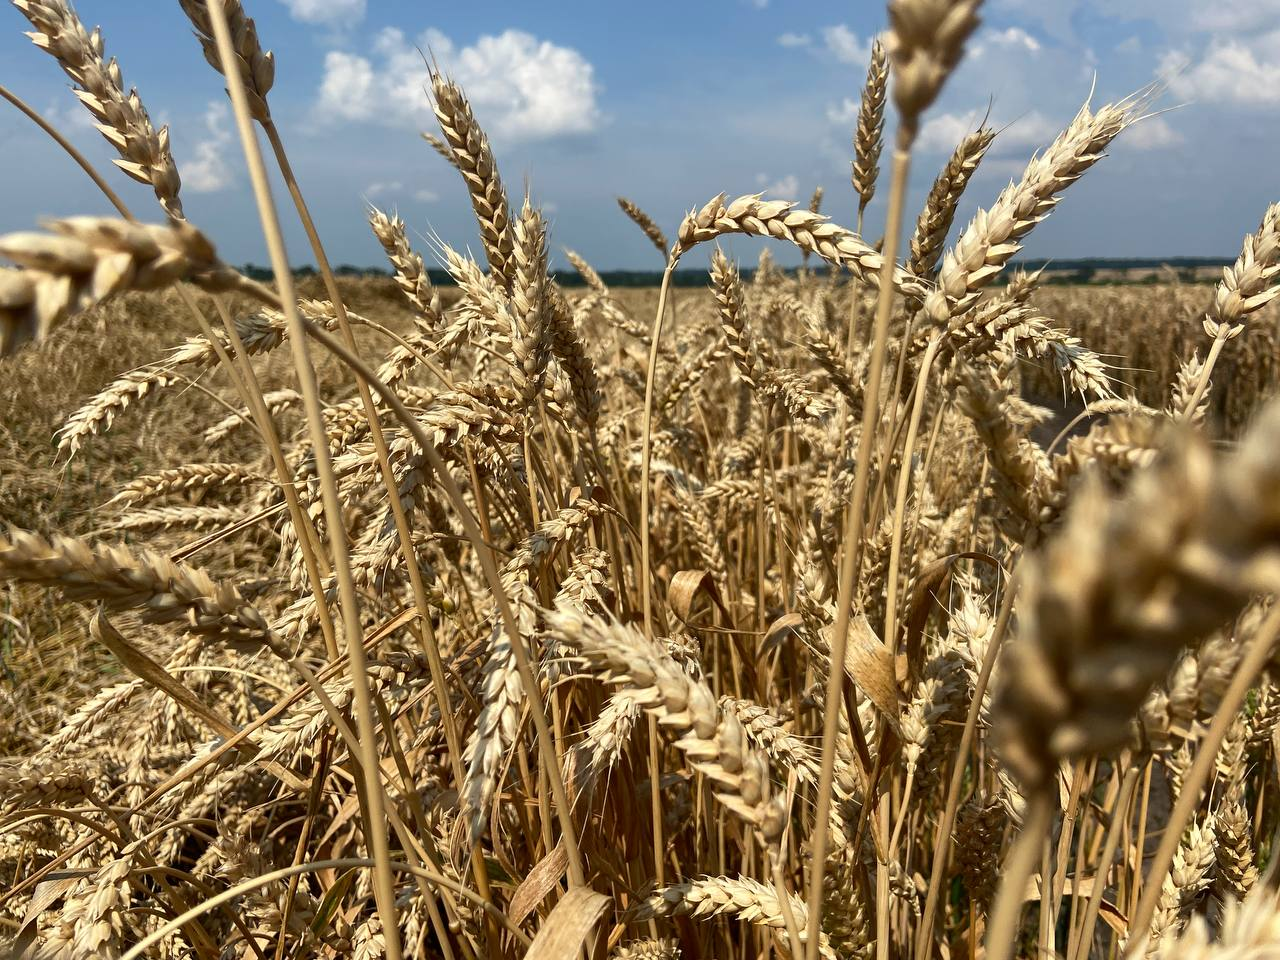 Озима пшениця на LNZ-хаб: особливості, досліди та врожайність фото 5 LNZ Group